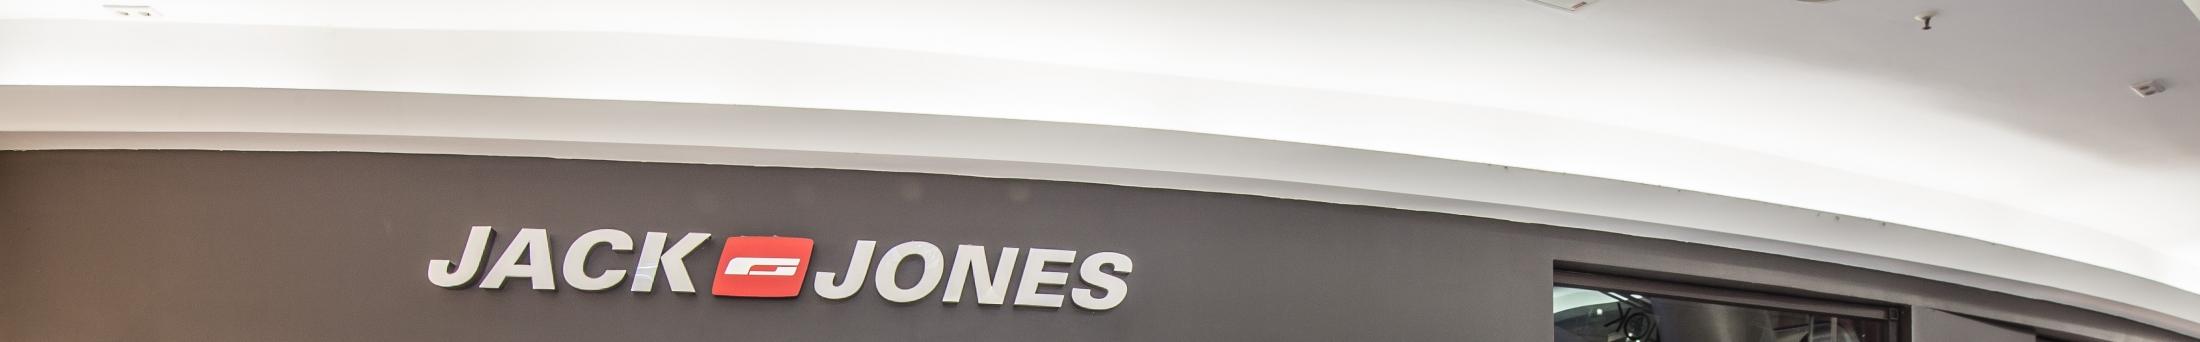 Sortenstile von 2019 Repliken neue niedrigere Preise Jack & Jones - Neukölln Arcaden Berlin